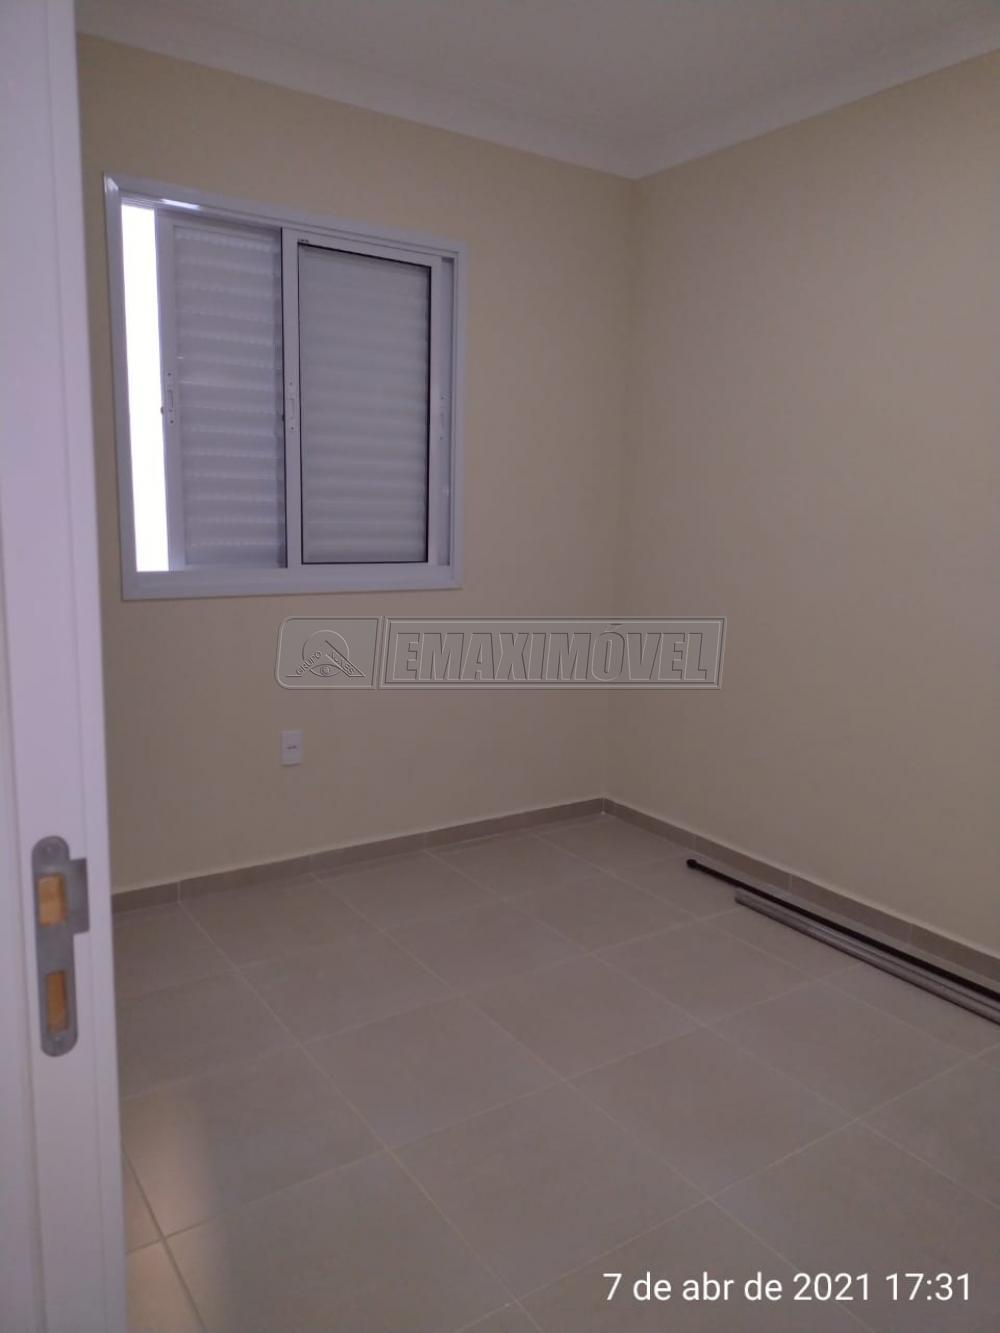 Comprar Apartamentos / Apto Padrão em Sorocaba R$ 280.000,00 - Foto 17